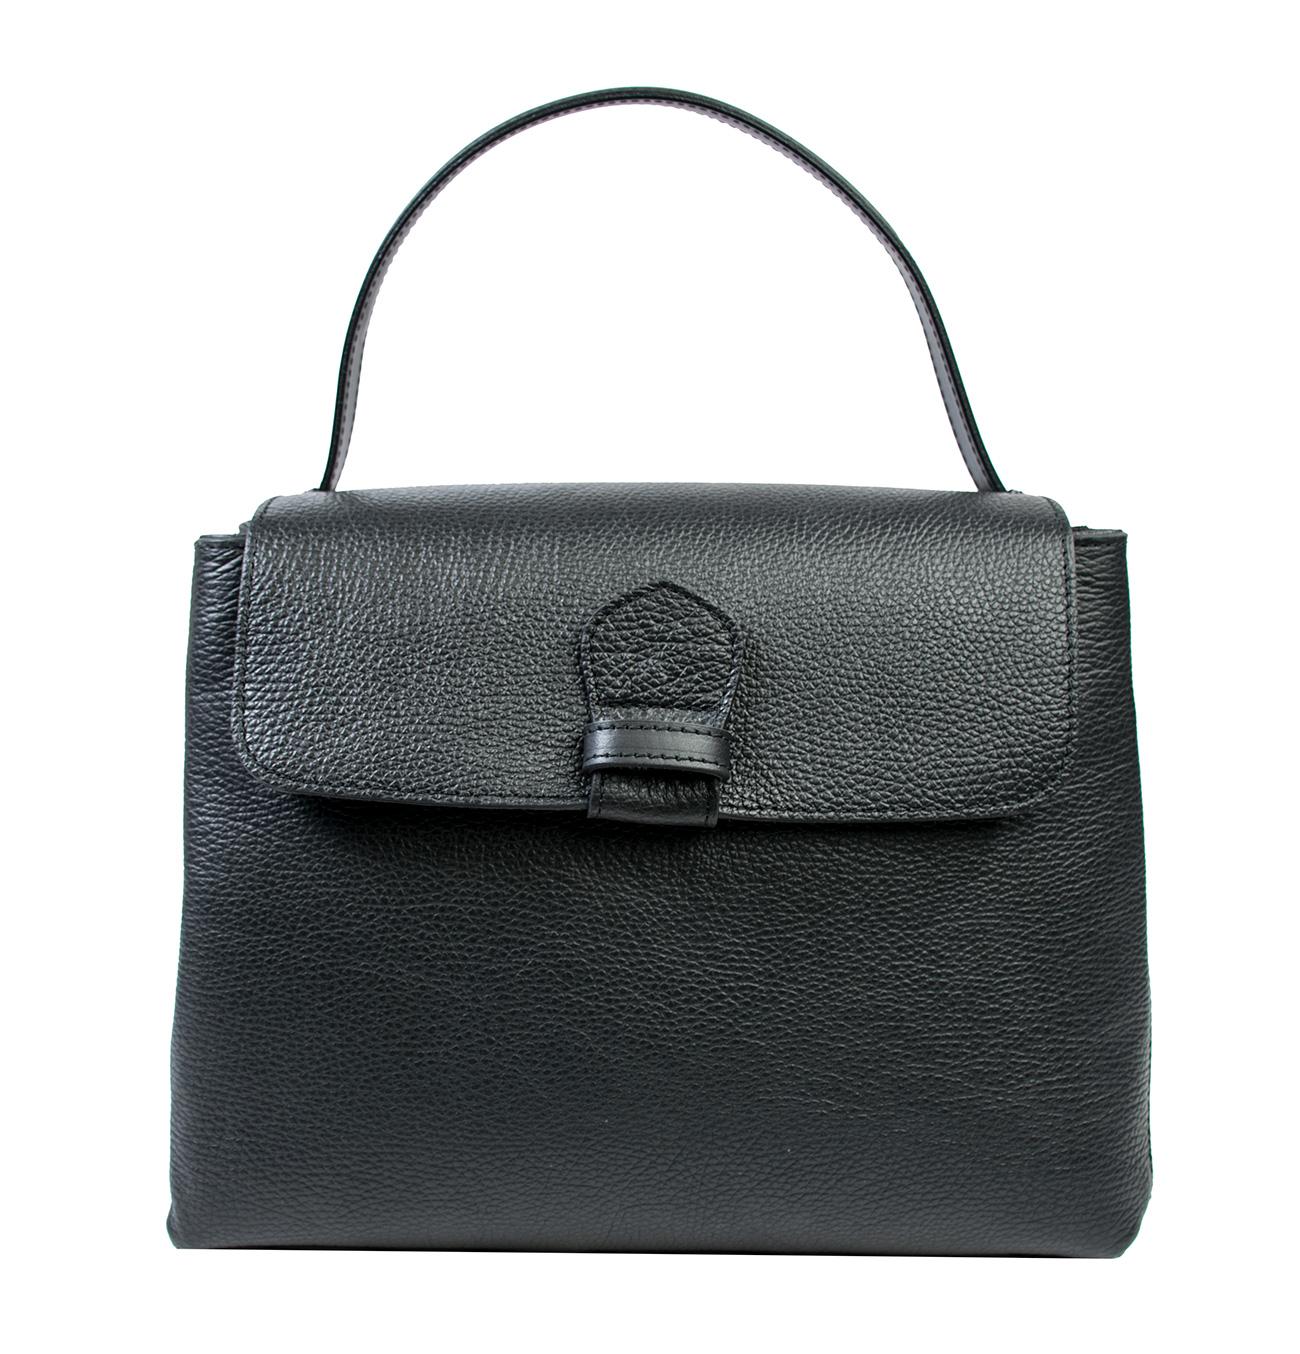 Bags and more Acele Fekete Női Bőr Kézitáska